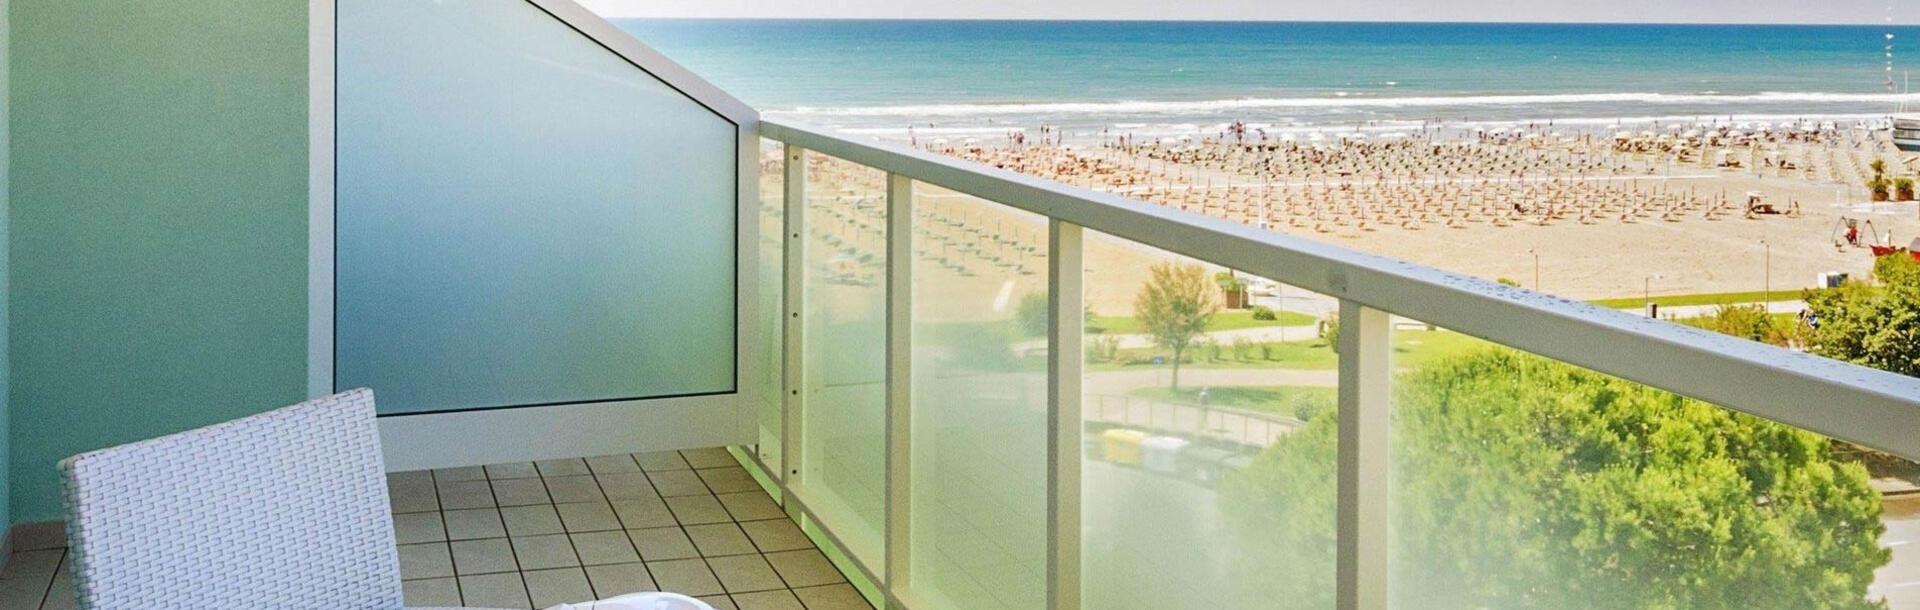 hotel-montecarlo pl ubezpiecz-swoj-pobyt-z-allianz 013